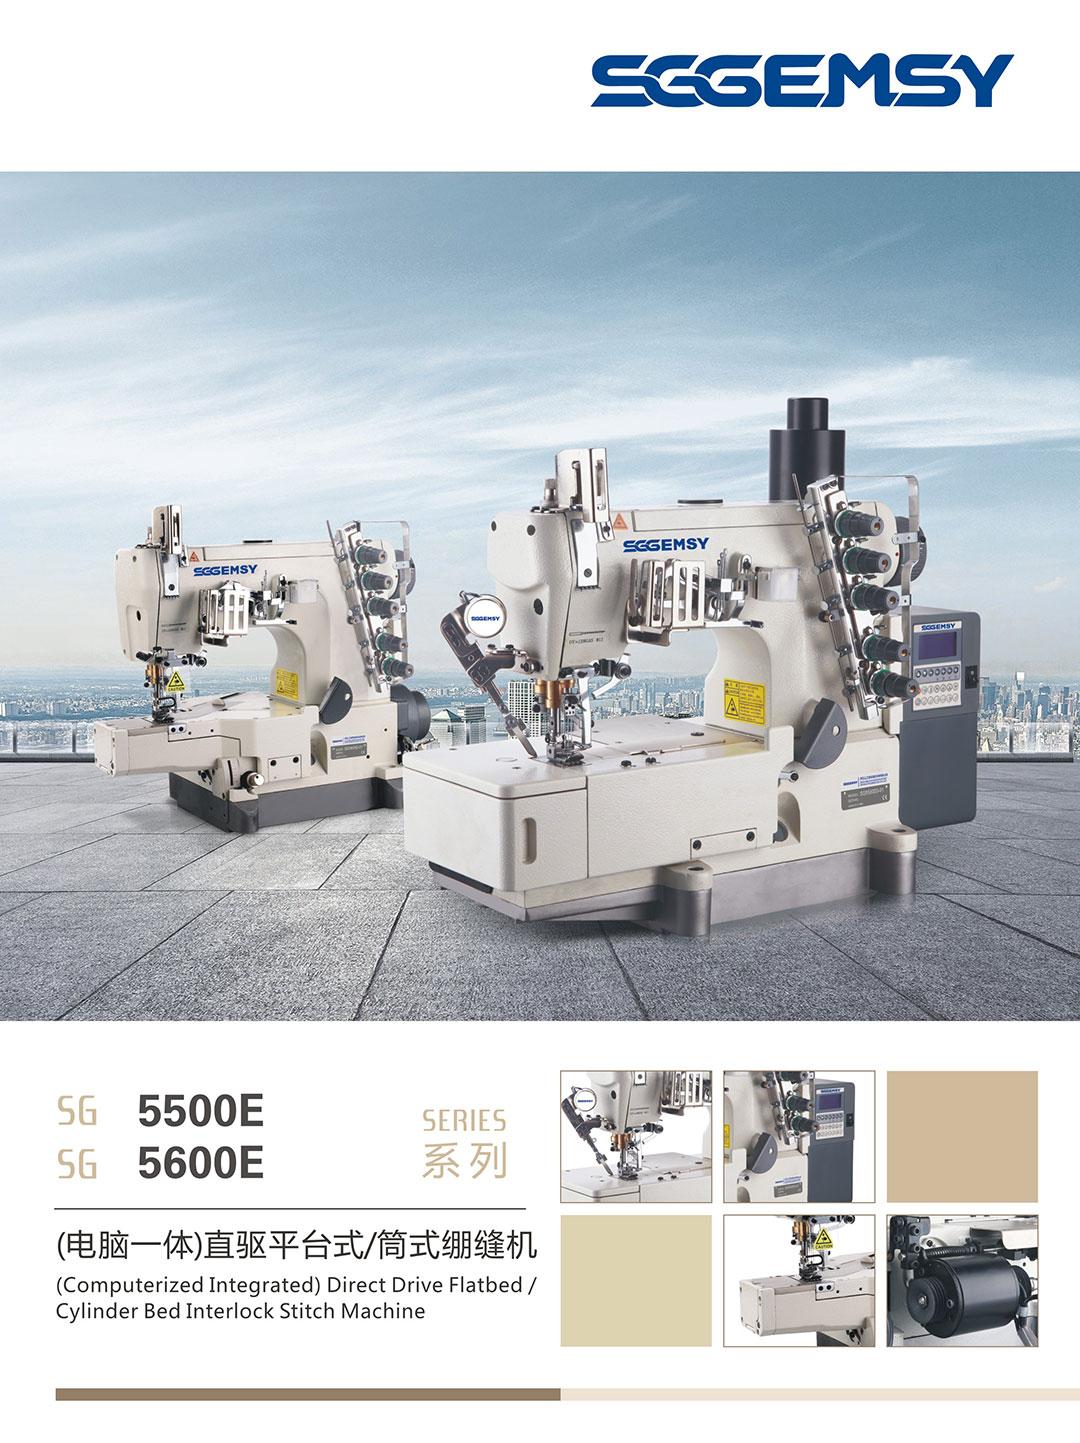 SG 5500E&5600E (电脑一体)直驱平台式/筒式绷缝机